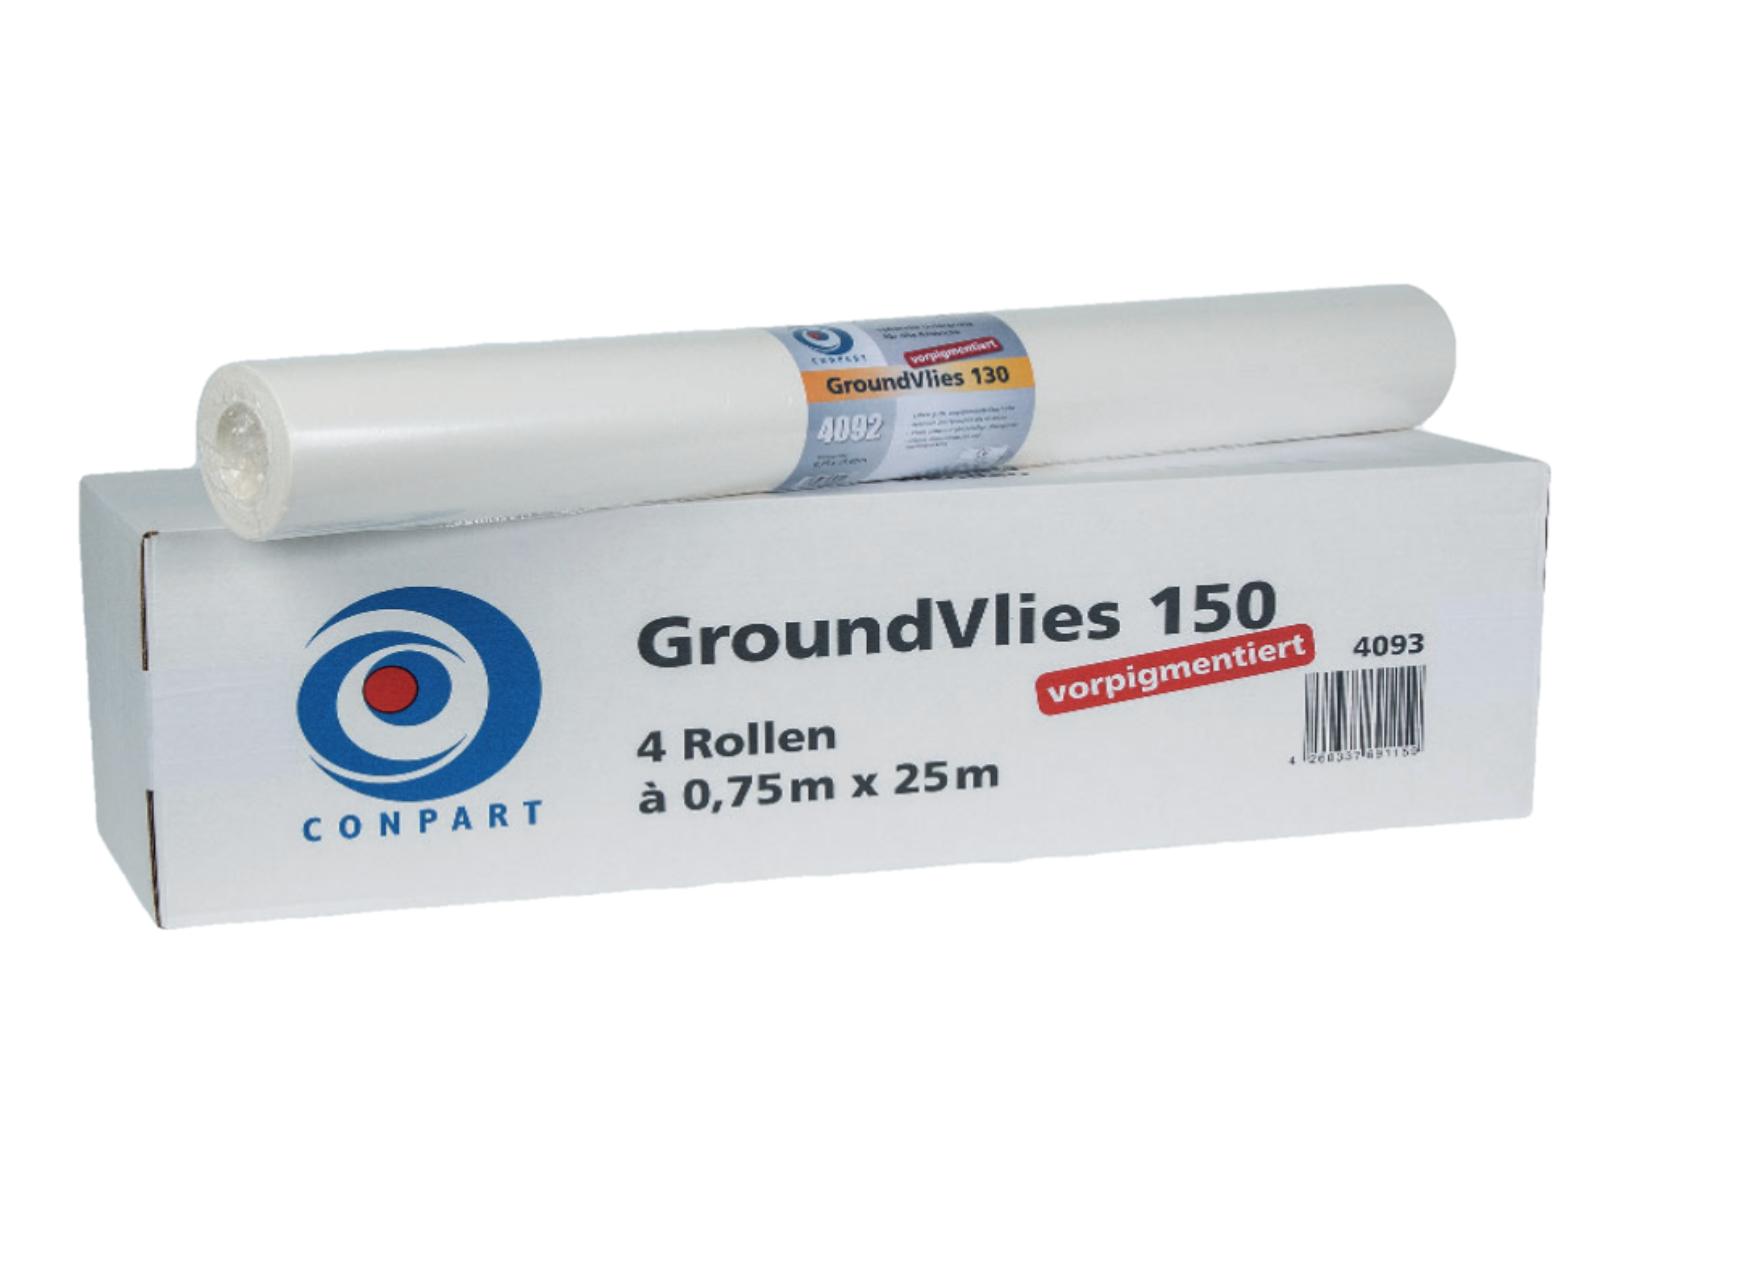 Conpart Groundvlies 4093 150 - 25,00 x 0,75 m - ca. 150 g/m² Vorpigmentiert